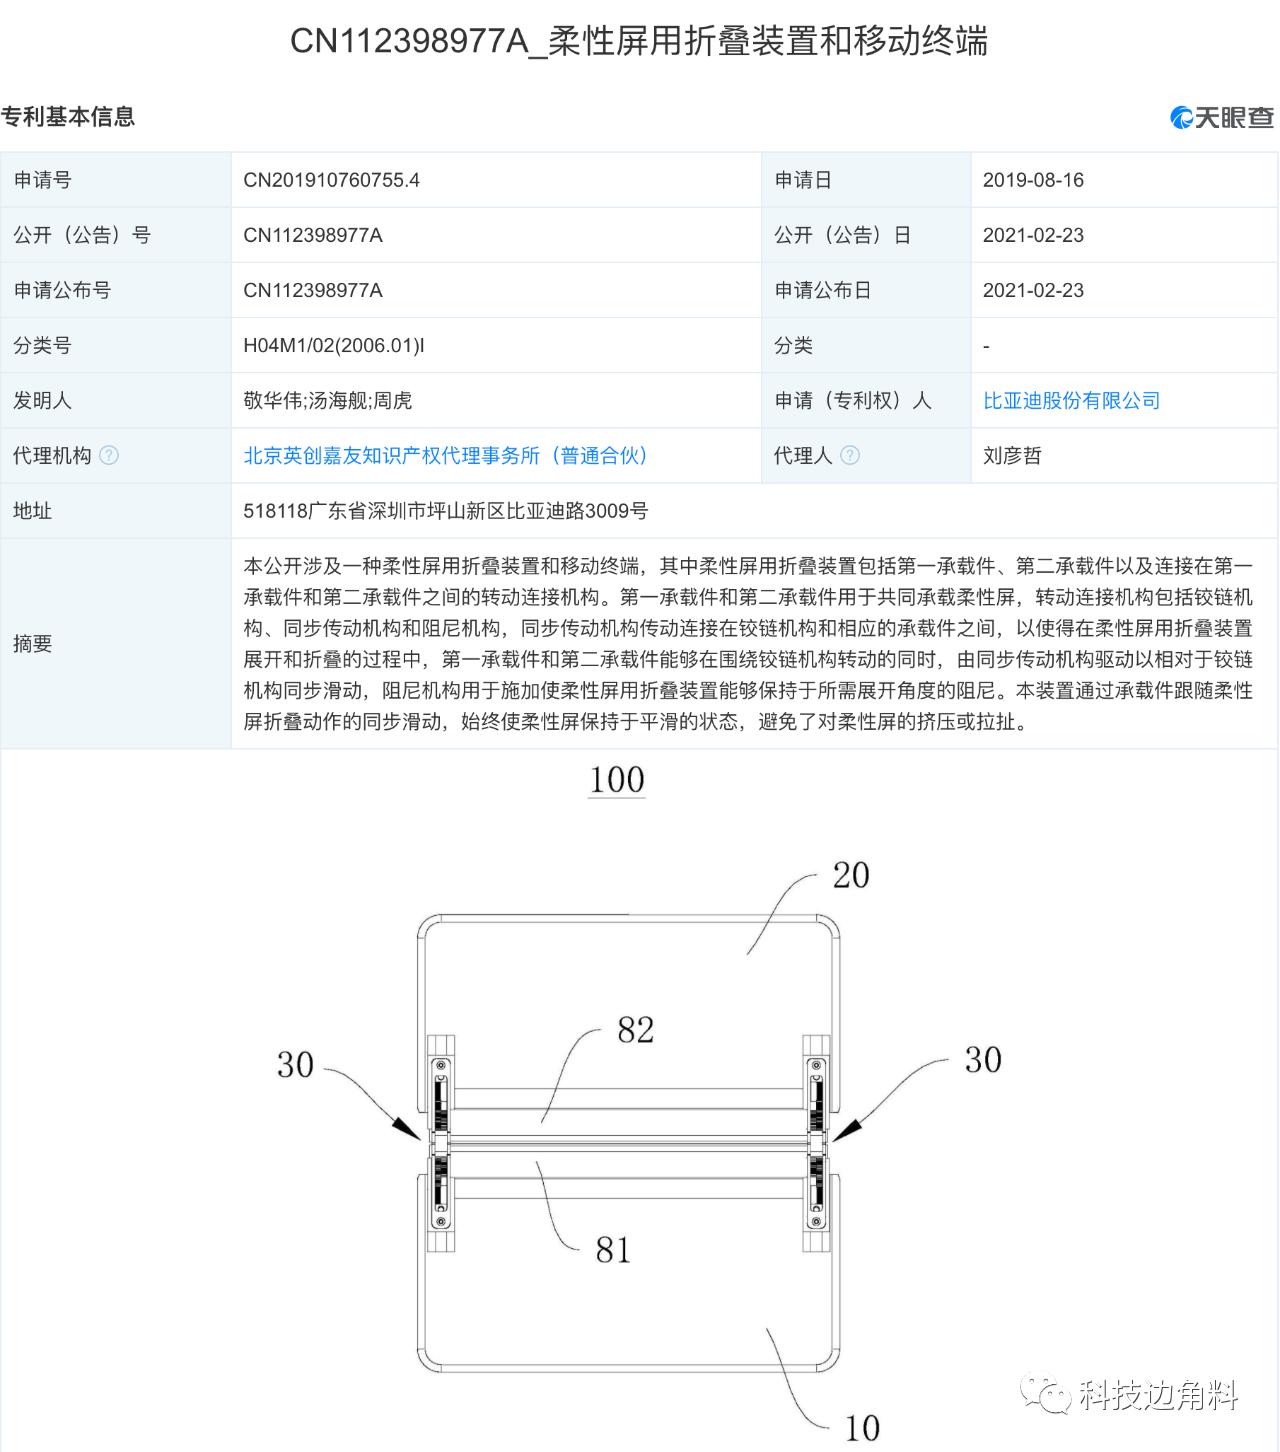 比亚迪公开柔性屏用折叠装置专利,可避免挤压拉扯